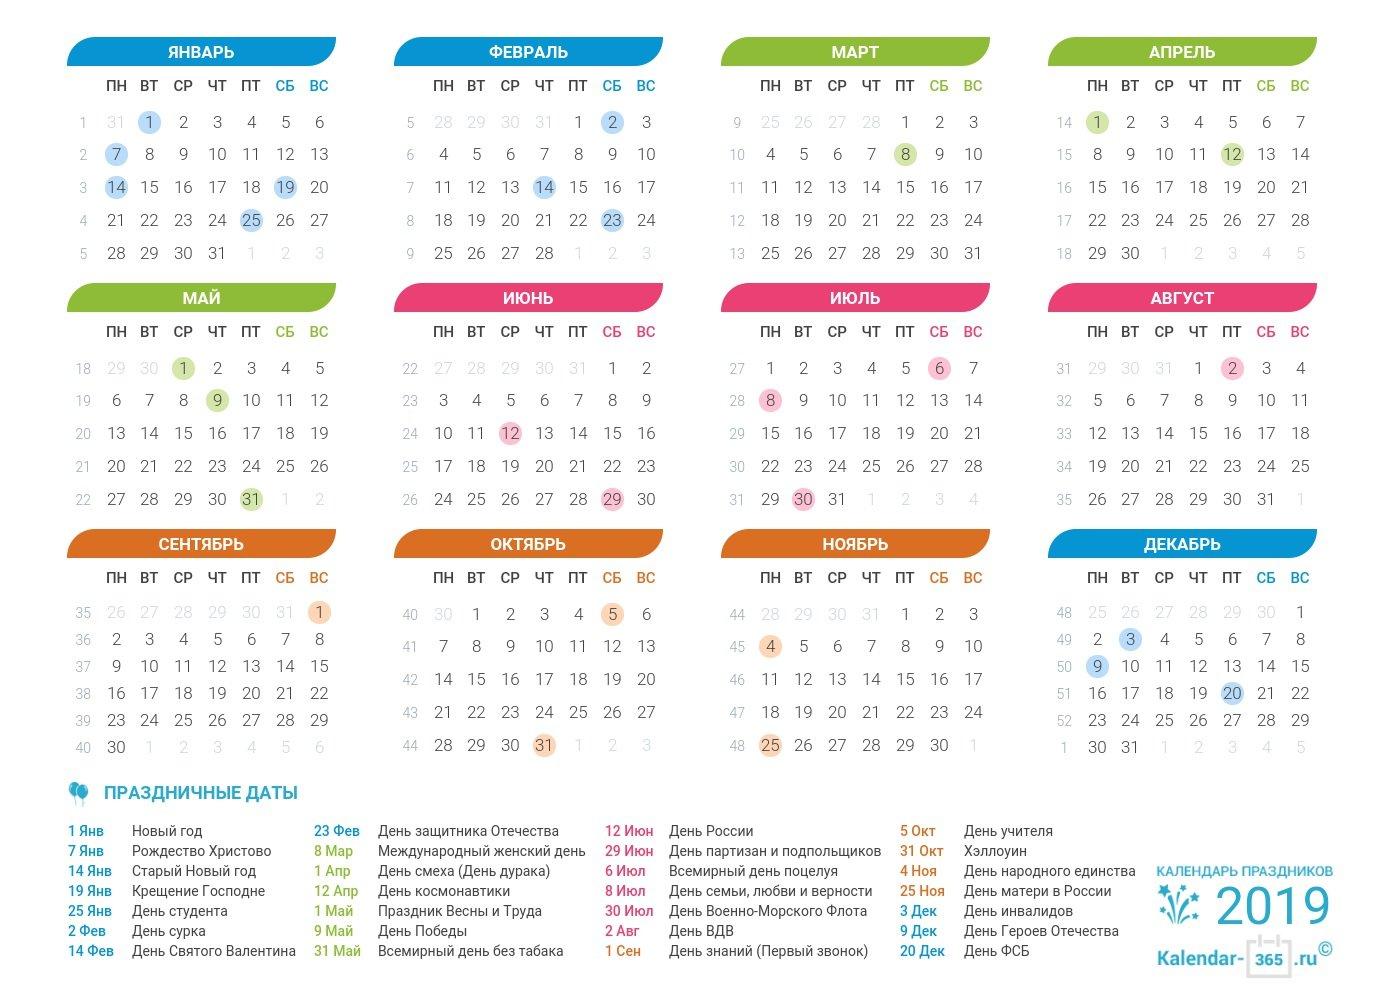 Календарь 2019 С Праздниками И Выходными Днями 2019 Calendar 365